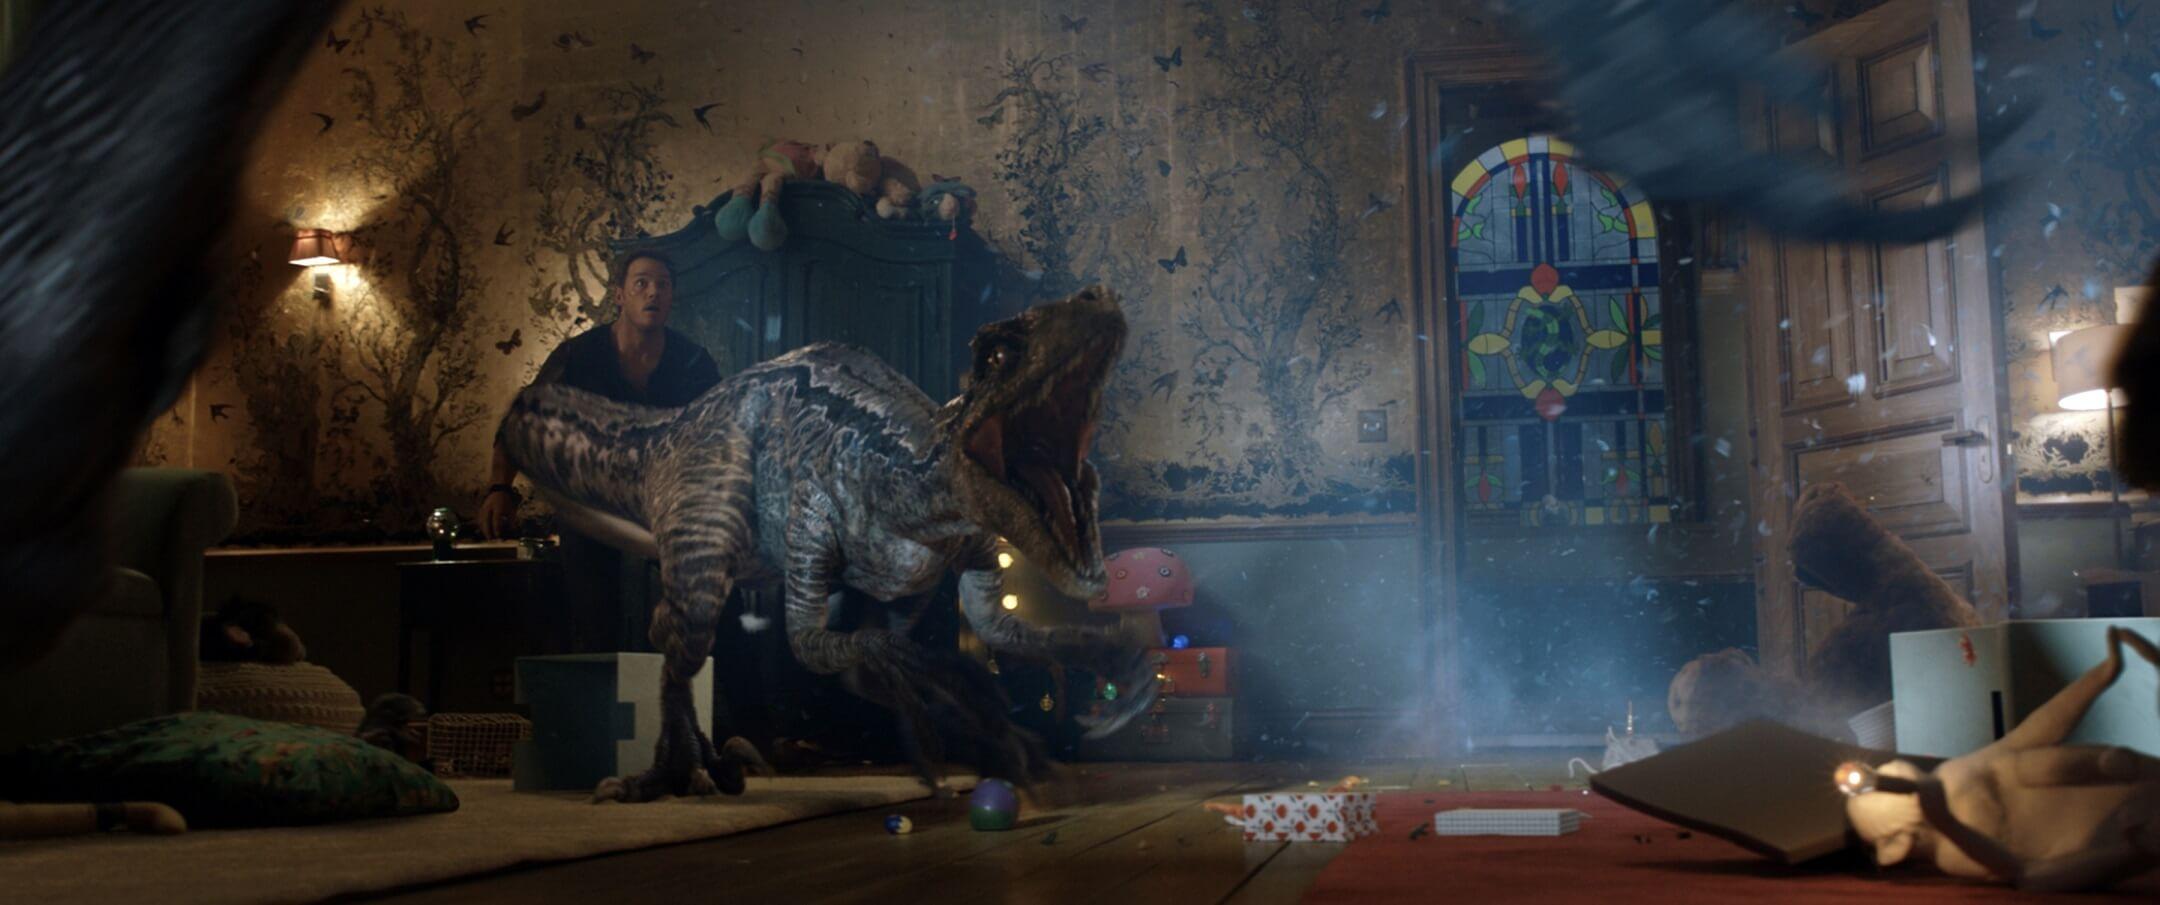 侏羅紀世界 殞落國度 恐龍